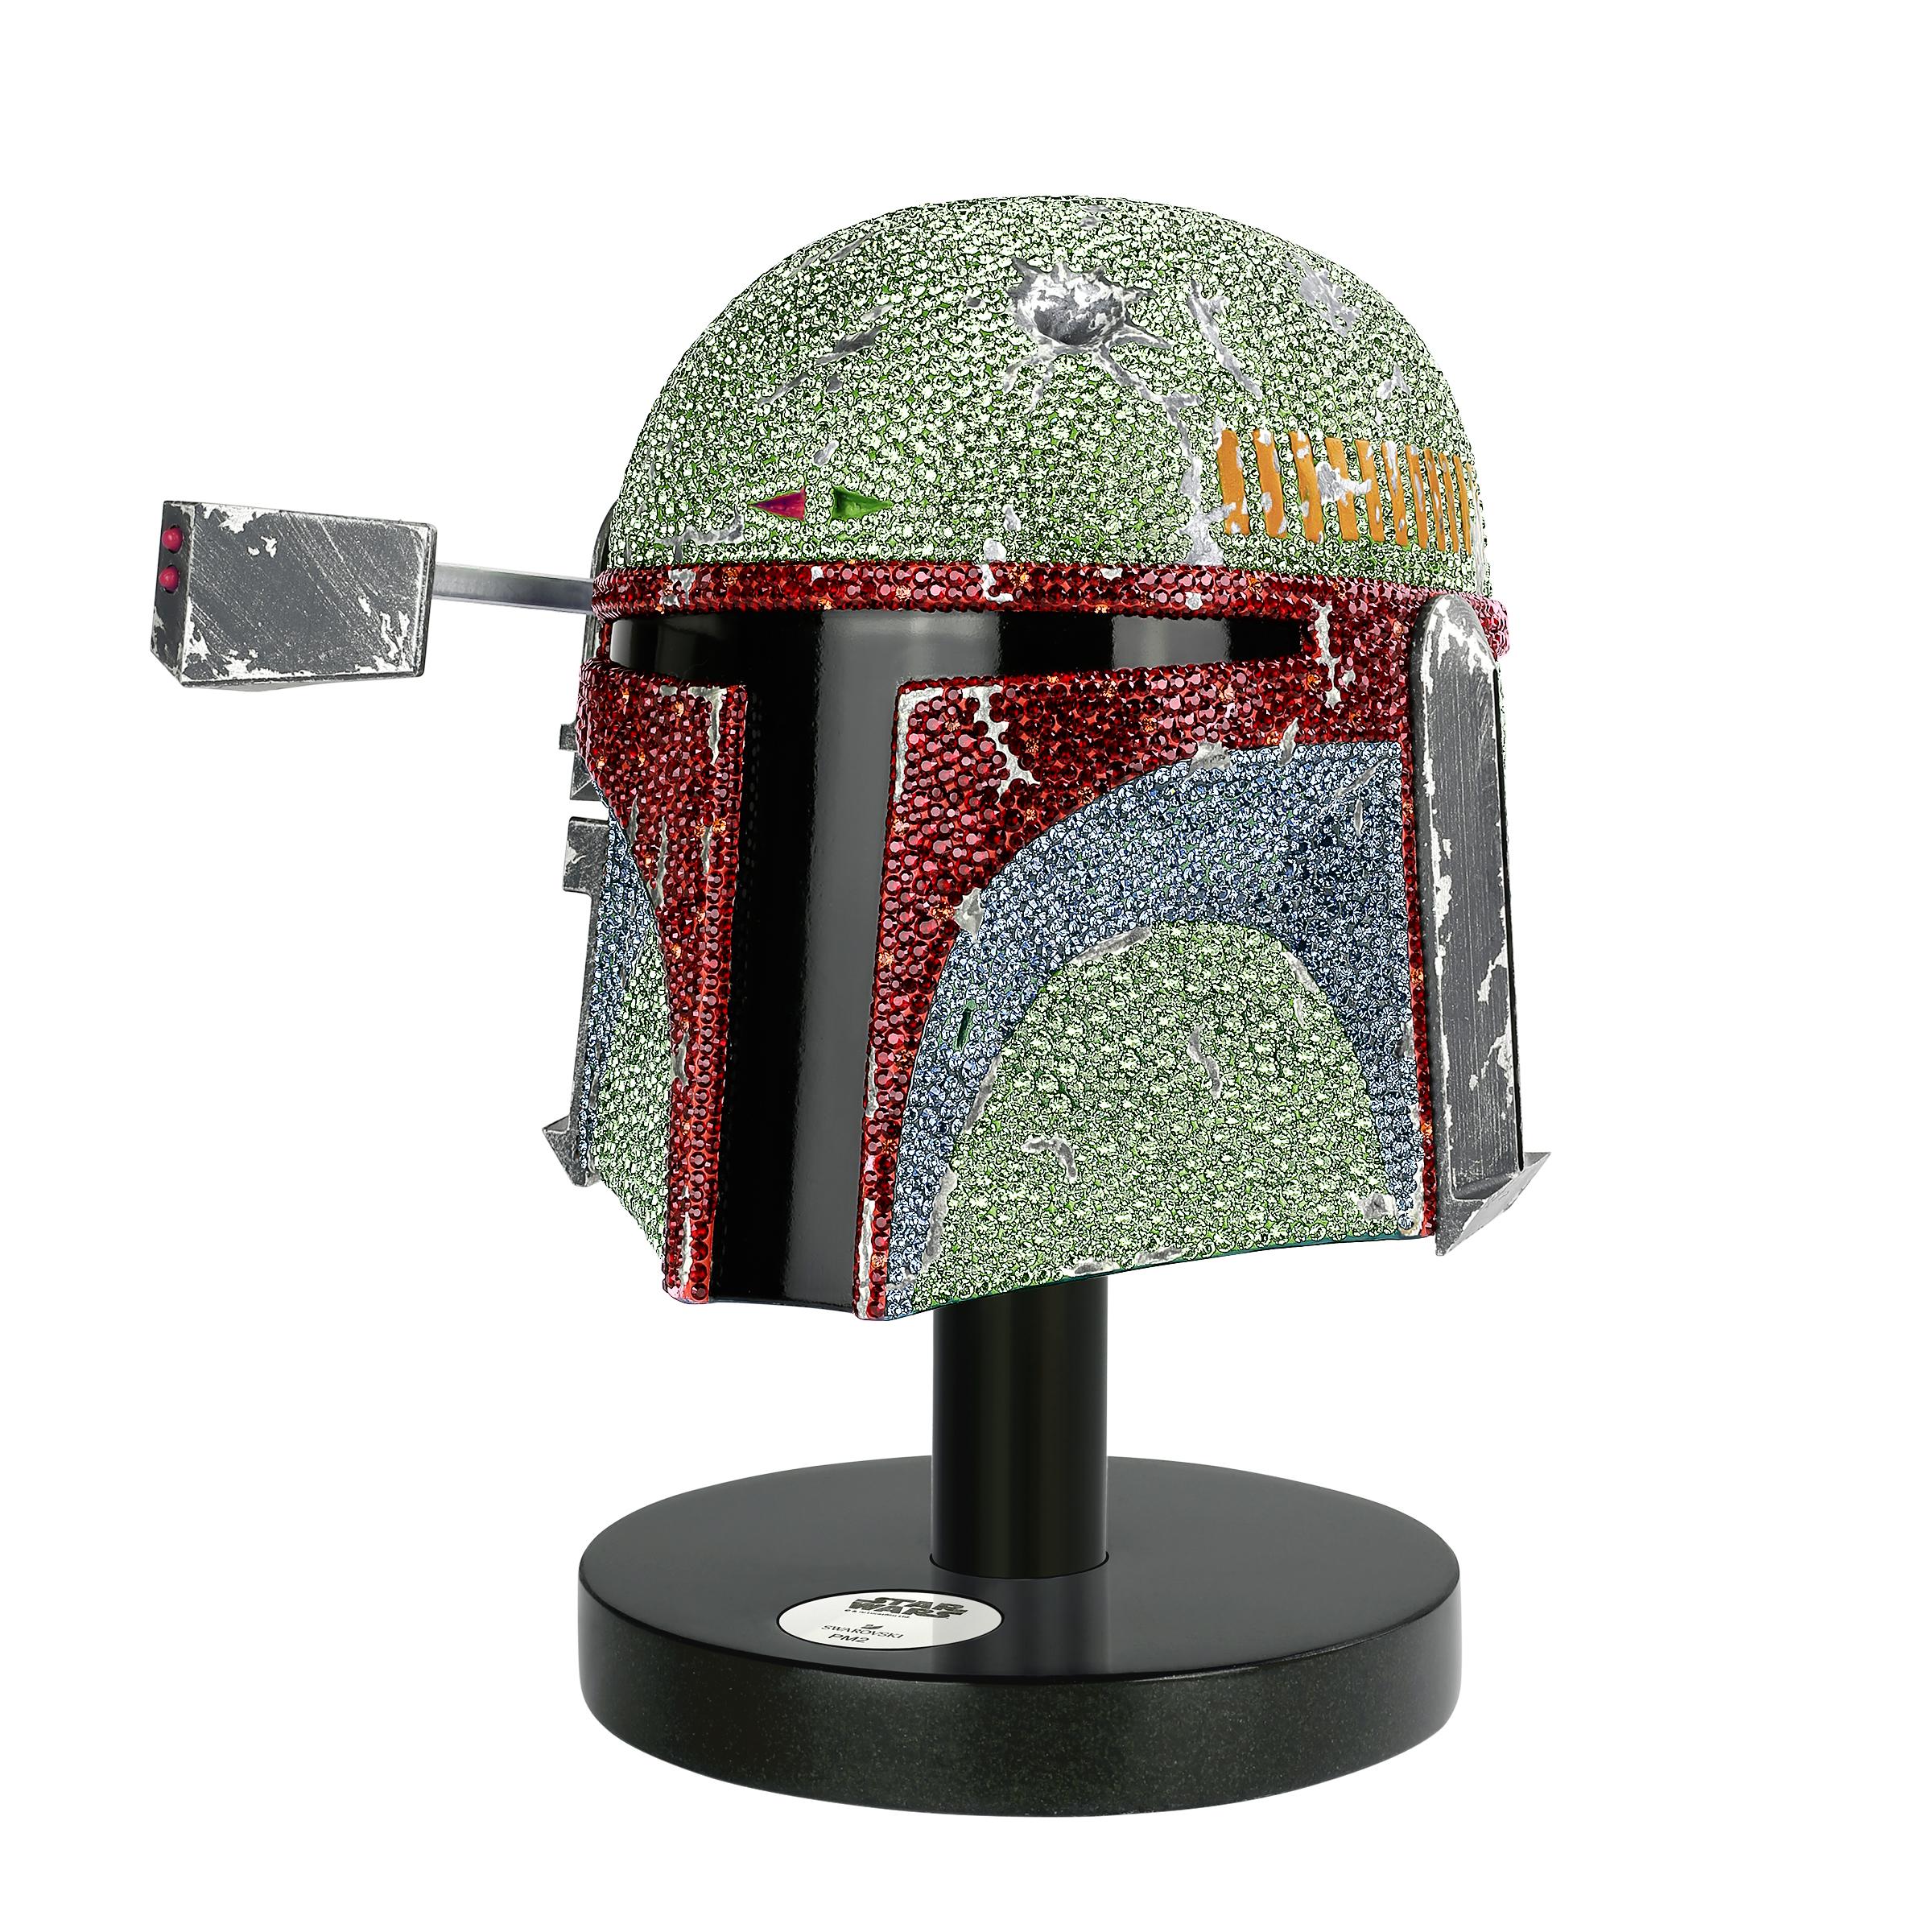 Star Wars - Boba Fett Helmet, Limited Edition